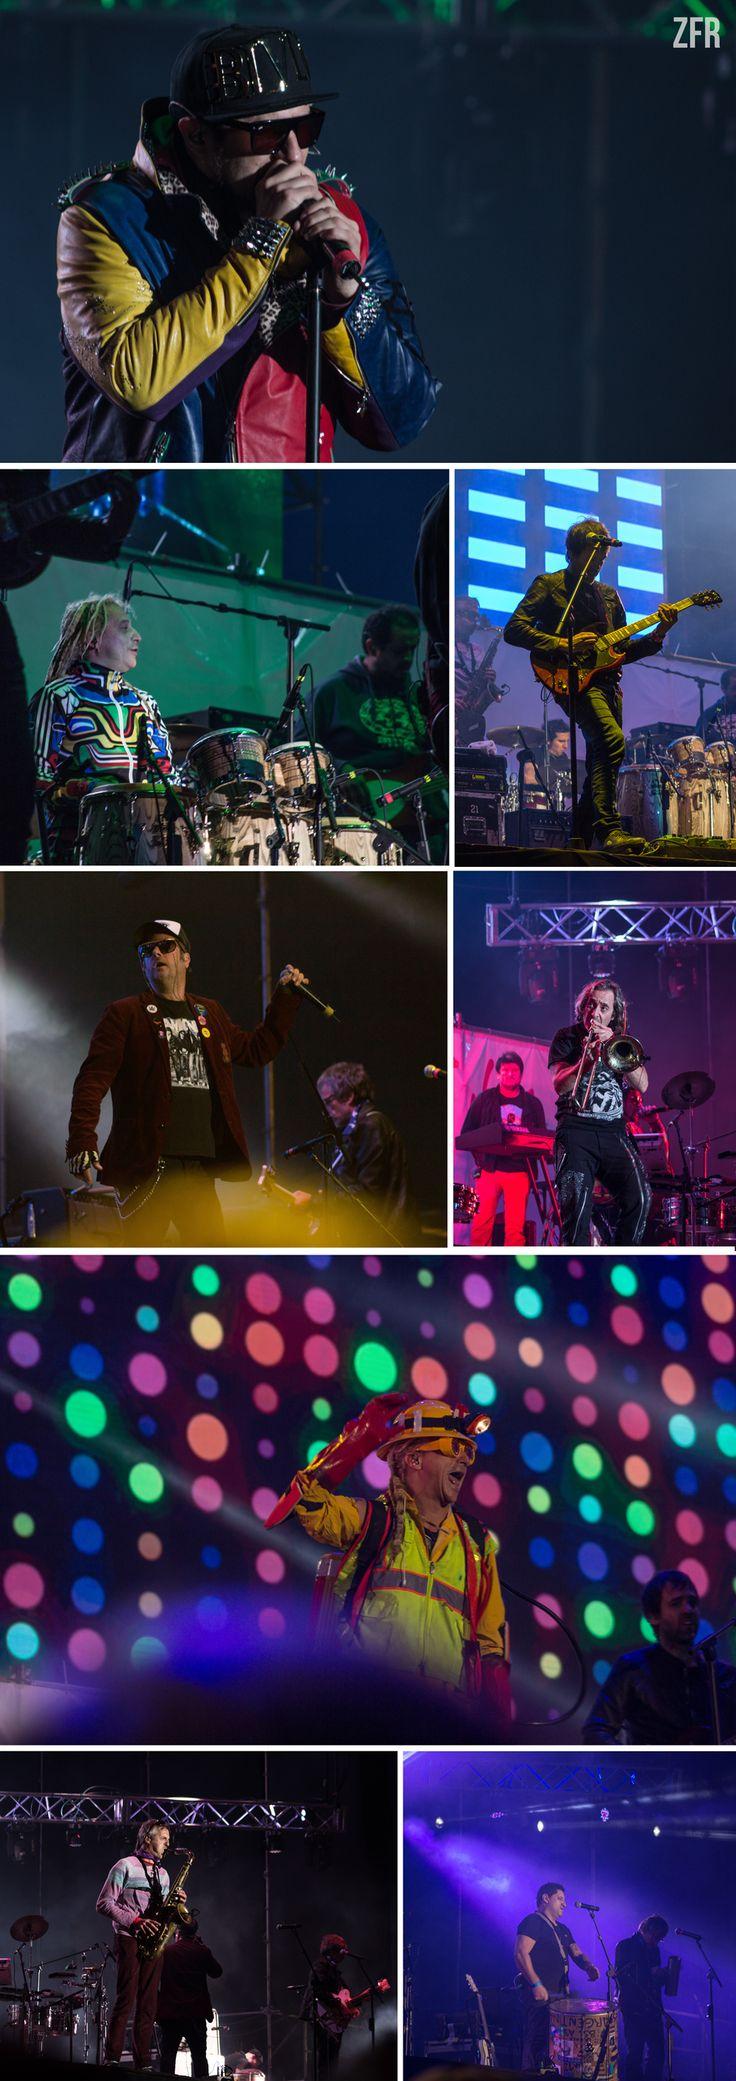 Jamming Festival Los Auténticos Decadentes #jammingfestival #losautenticosdecadentes